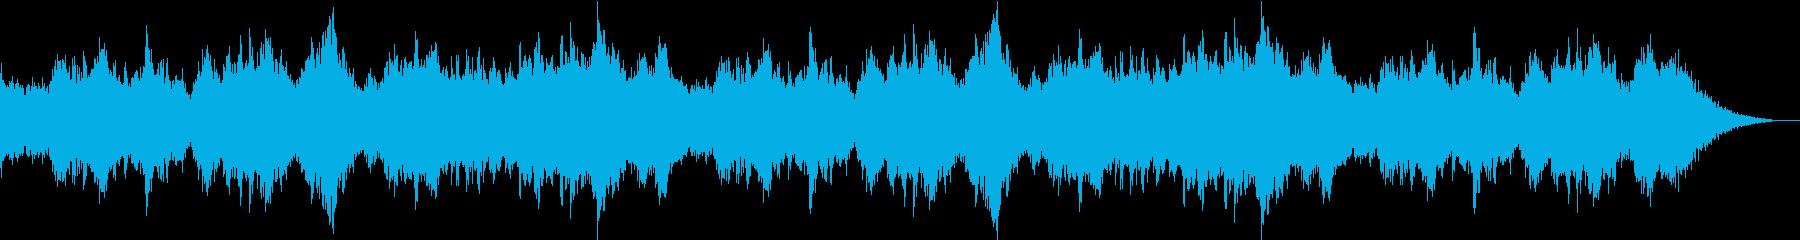 小学校唱歌・童謡の懐かしい子供の合唱の再生済みの波形